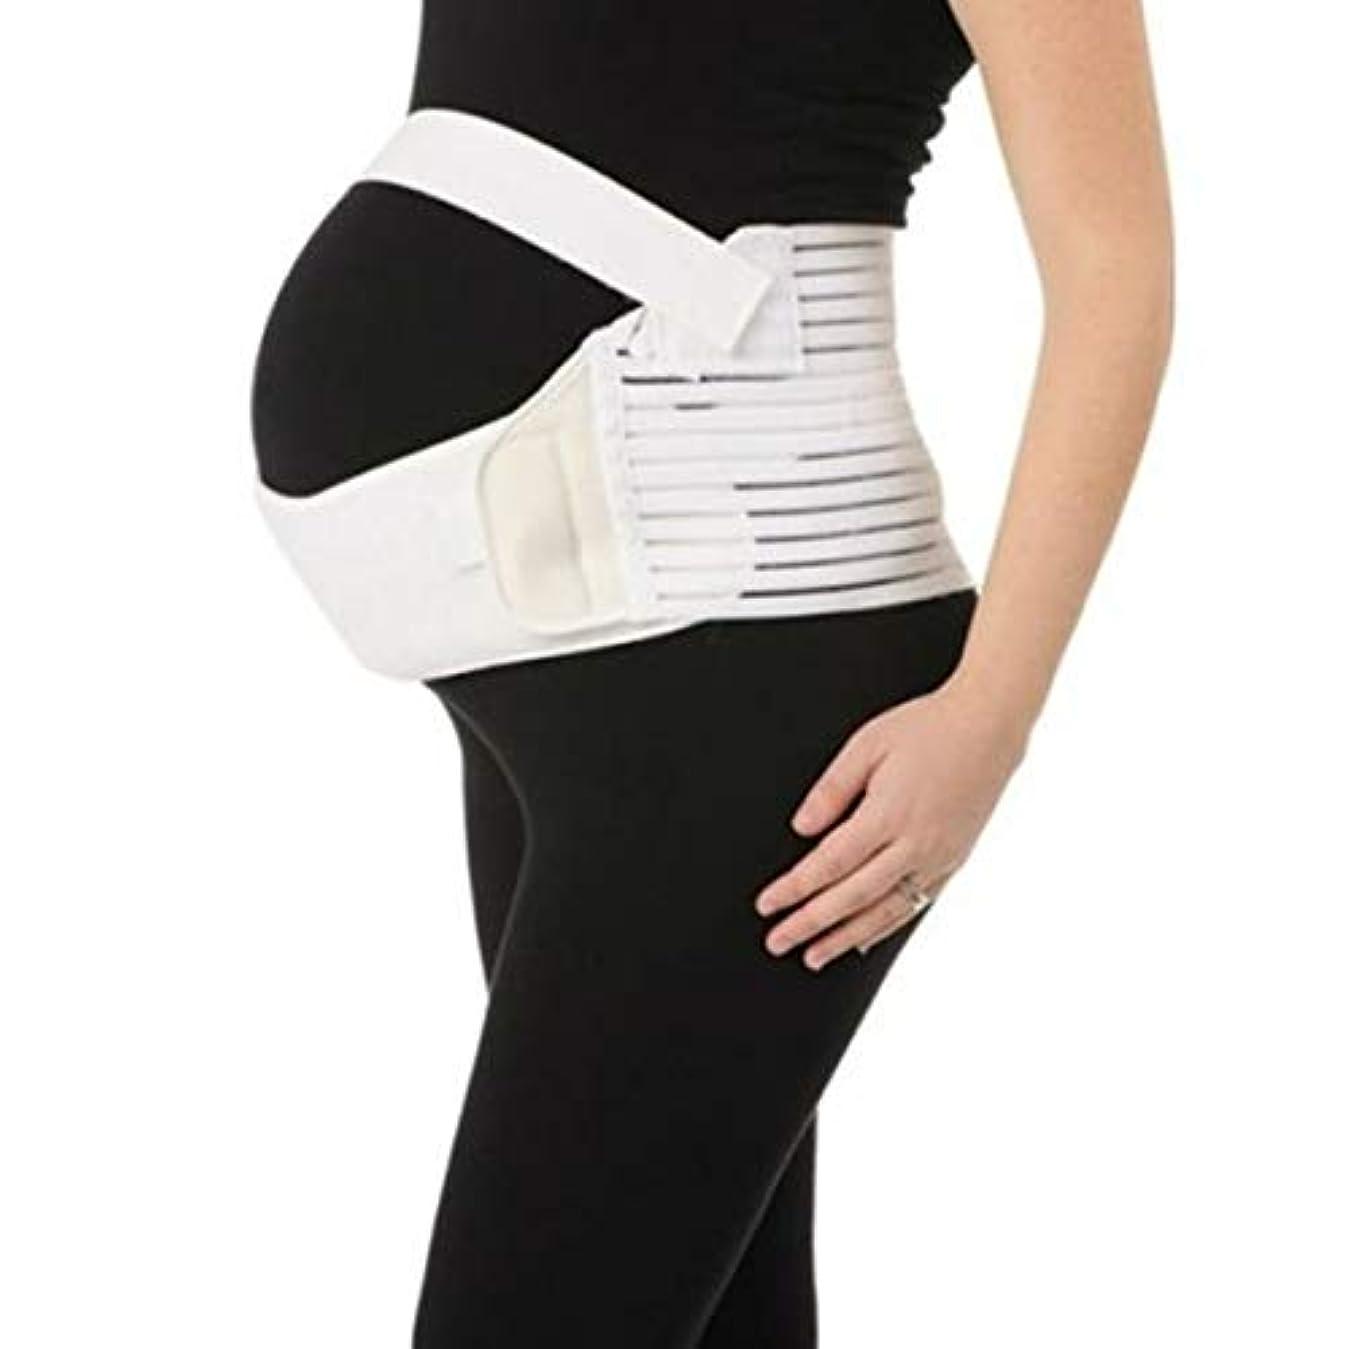 一時的スチール一般通気性産科ベルト妊娠腹部サポート腹部バインダーガードル運動包帯産後の回復形状ウェア - ホワイトM